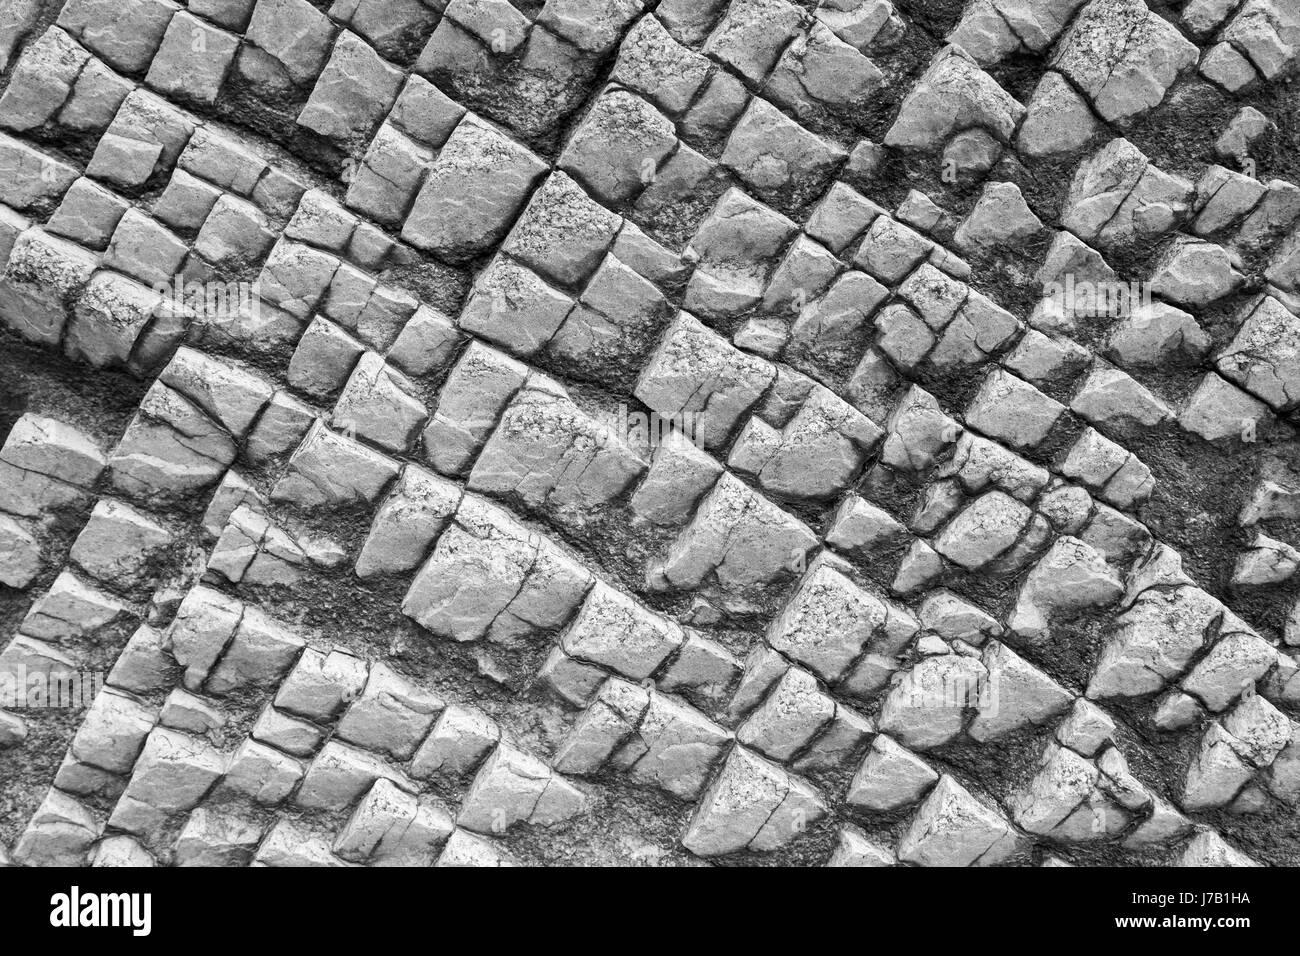 Close-up de una extraña roca la textura de la superficie en blanco y negro. Imagen De Stock